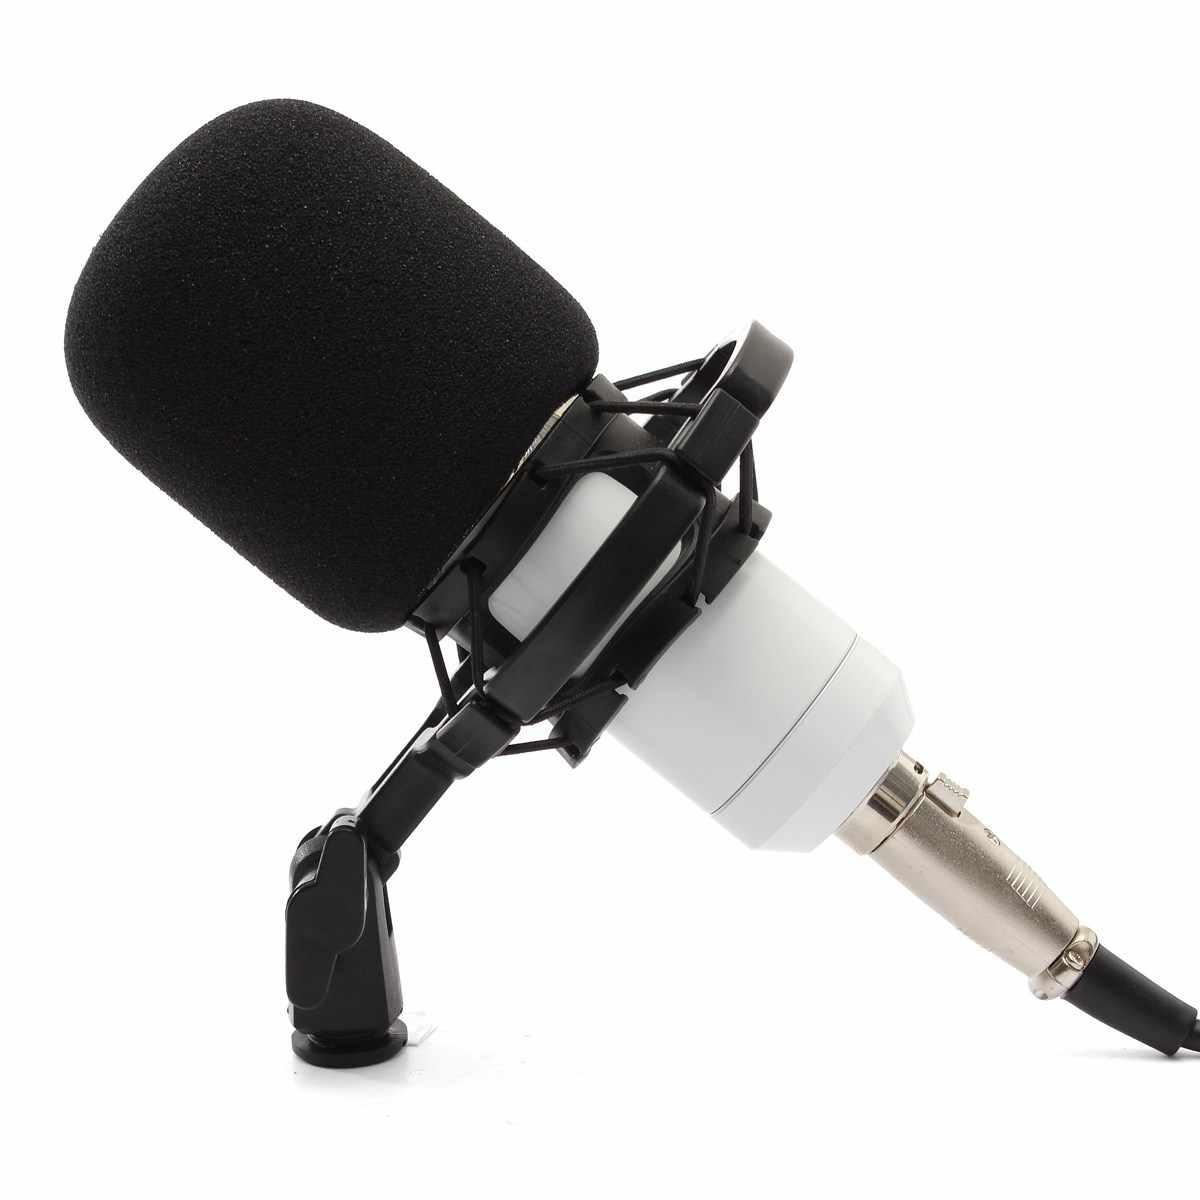 LEORY BM-800 конденсаторный микрофон Компьютер профессиональный микрофон 3,5 мм кабель микрофон с ударным креплением для караоке записывающее устройство